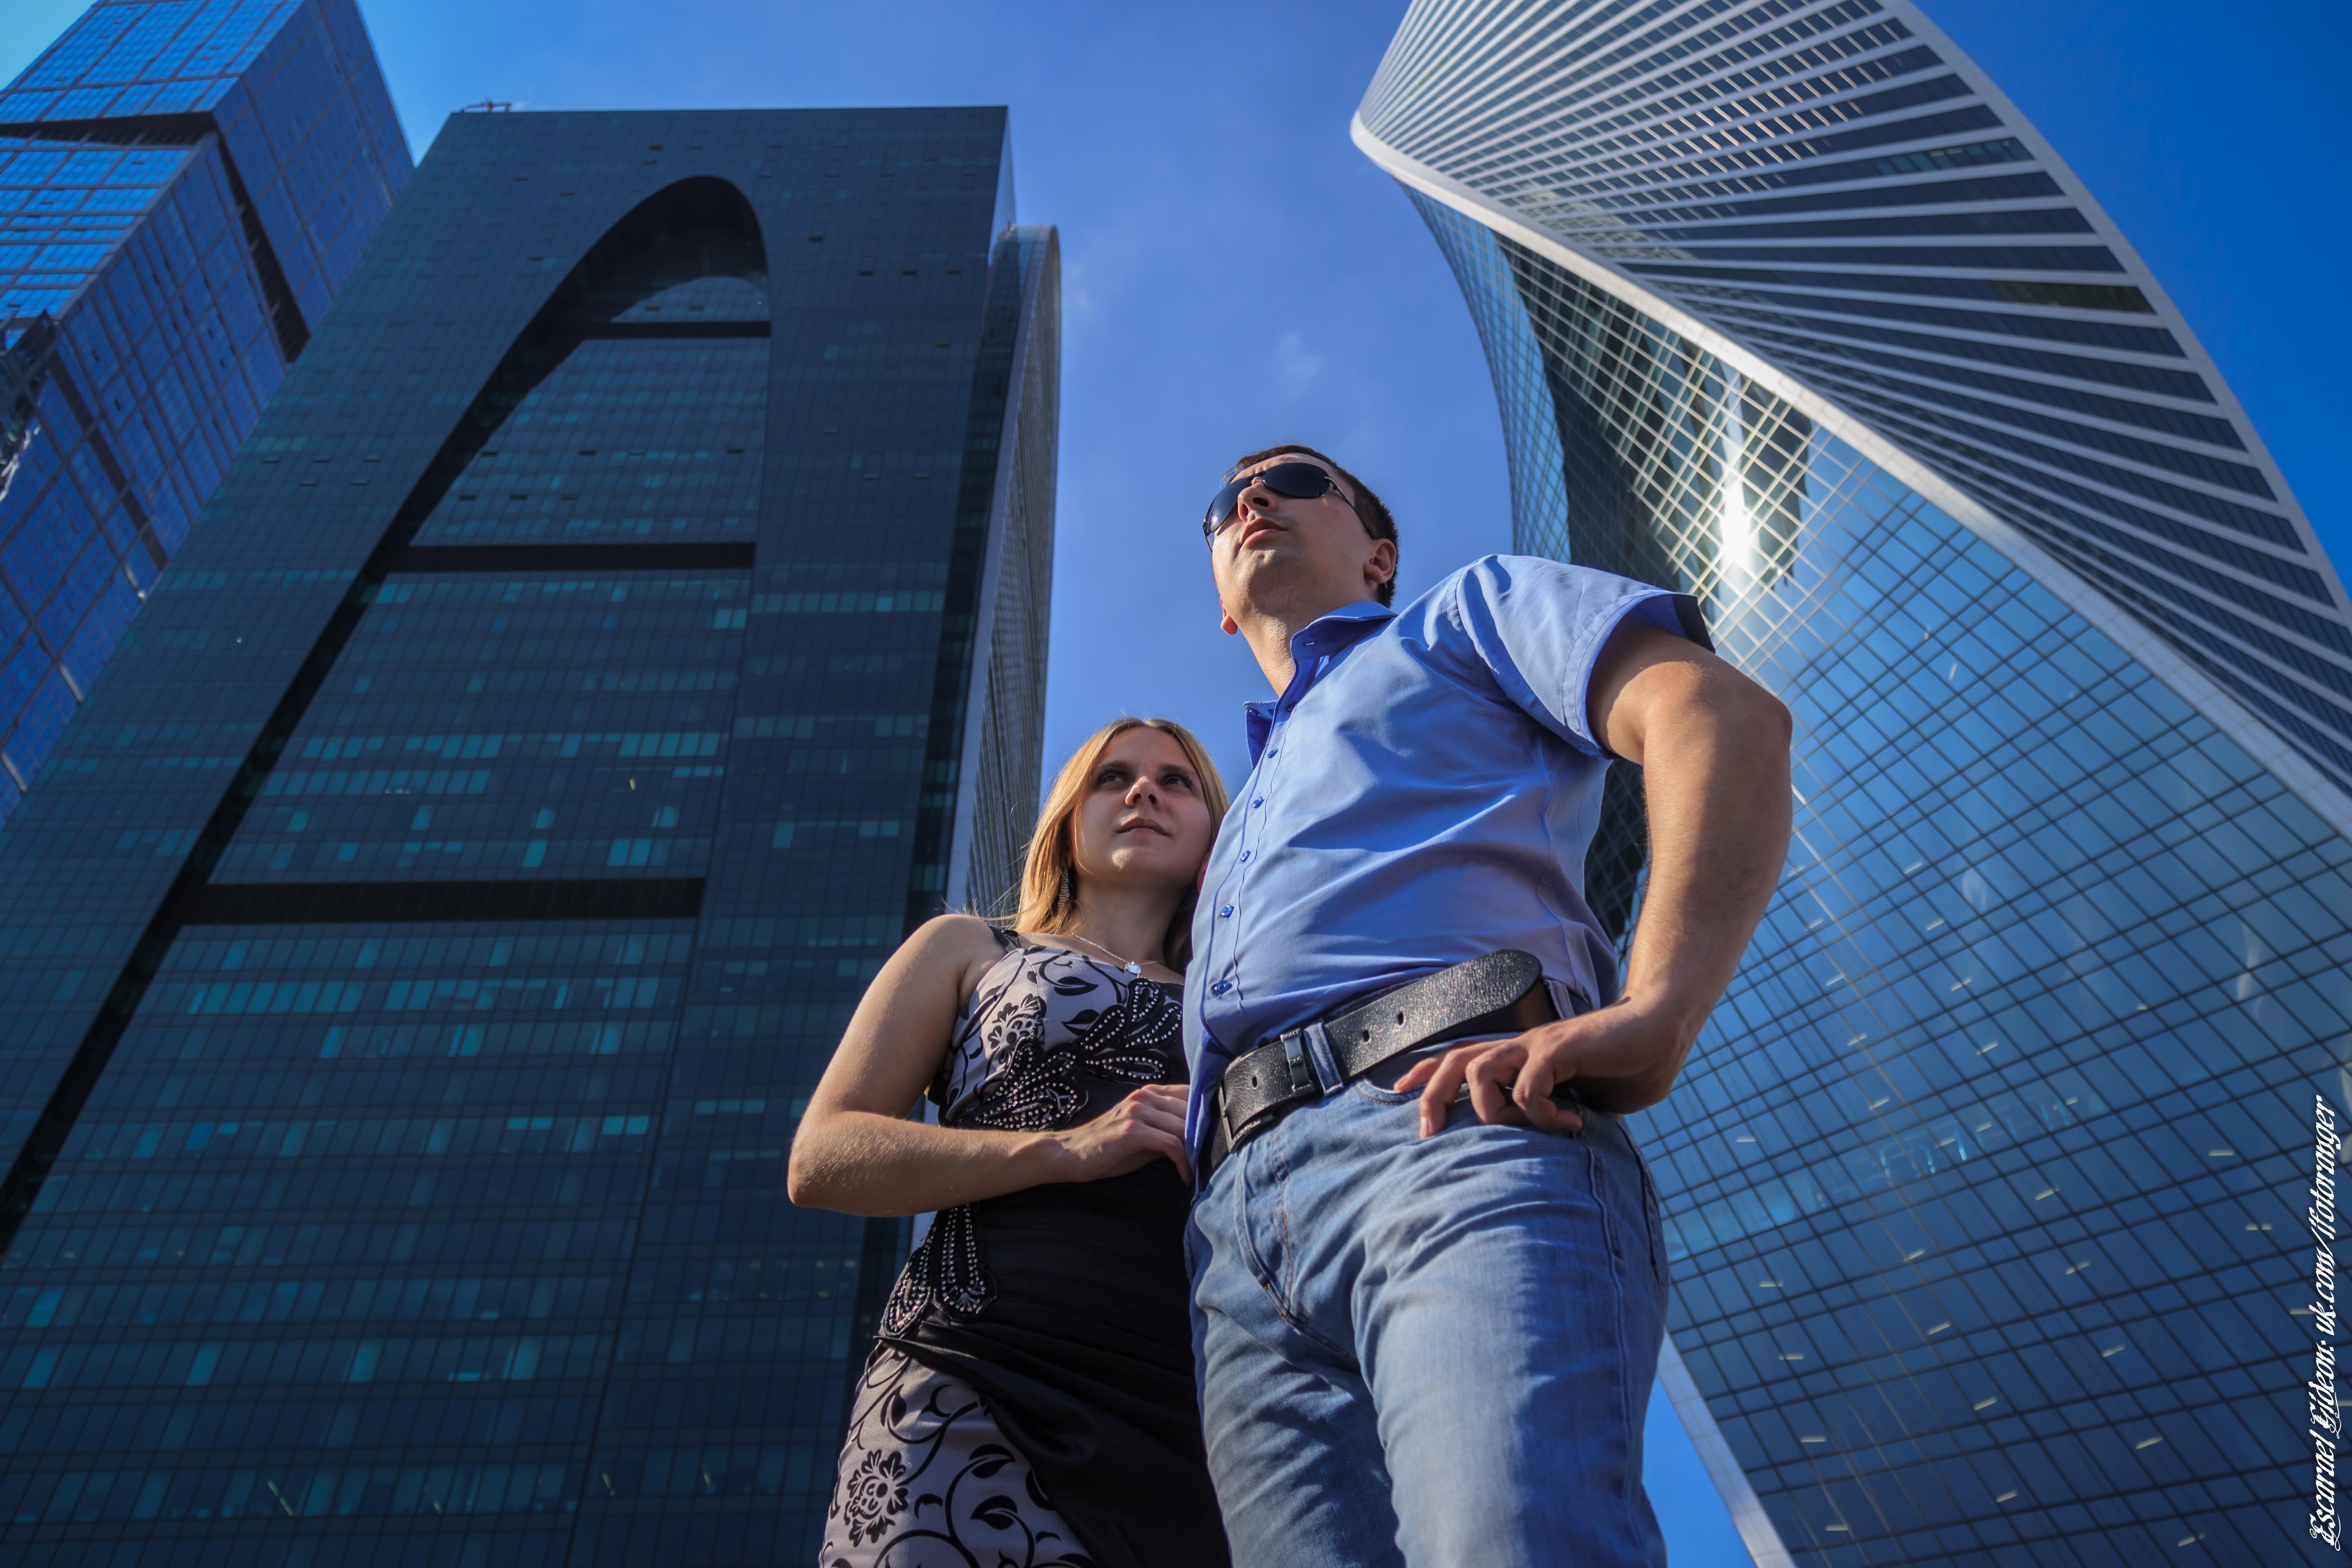 Настя и Дэн. Москва-сити. Фотосессия.